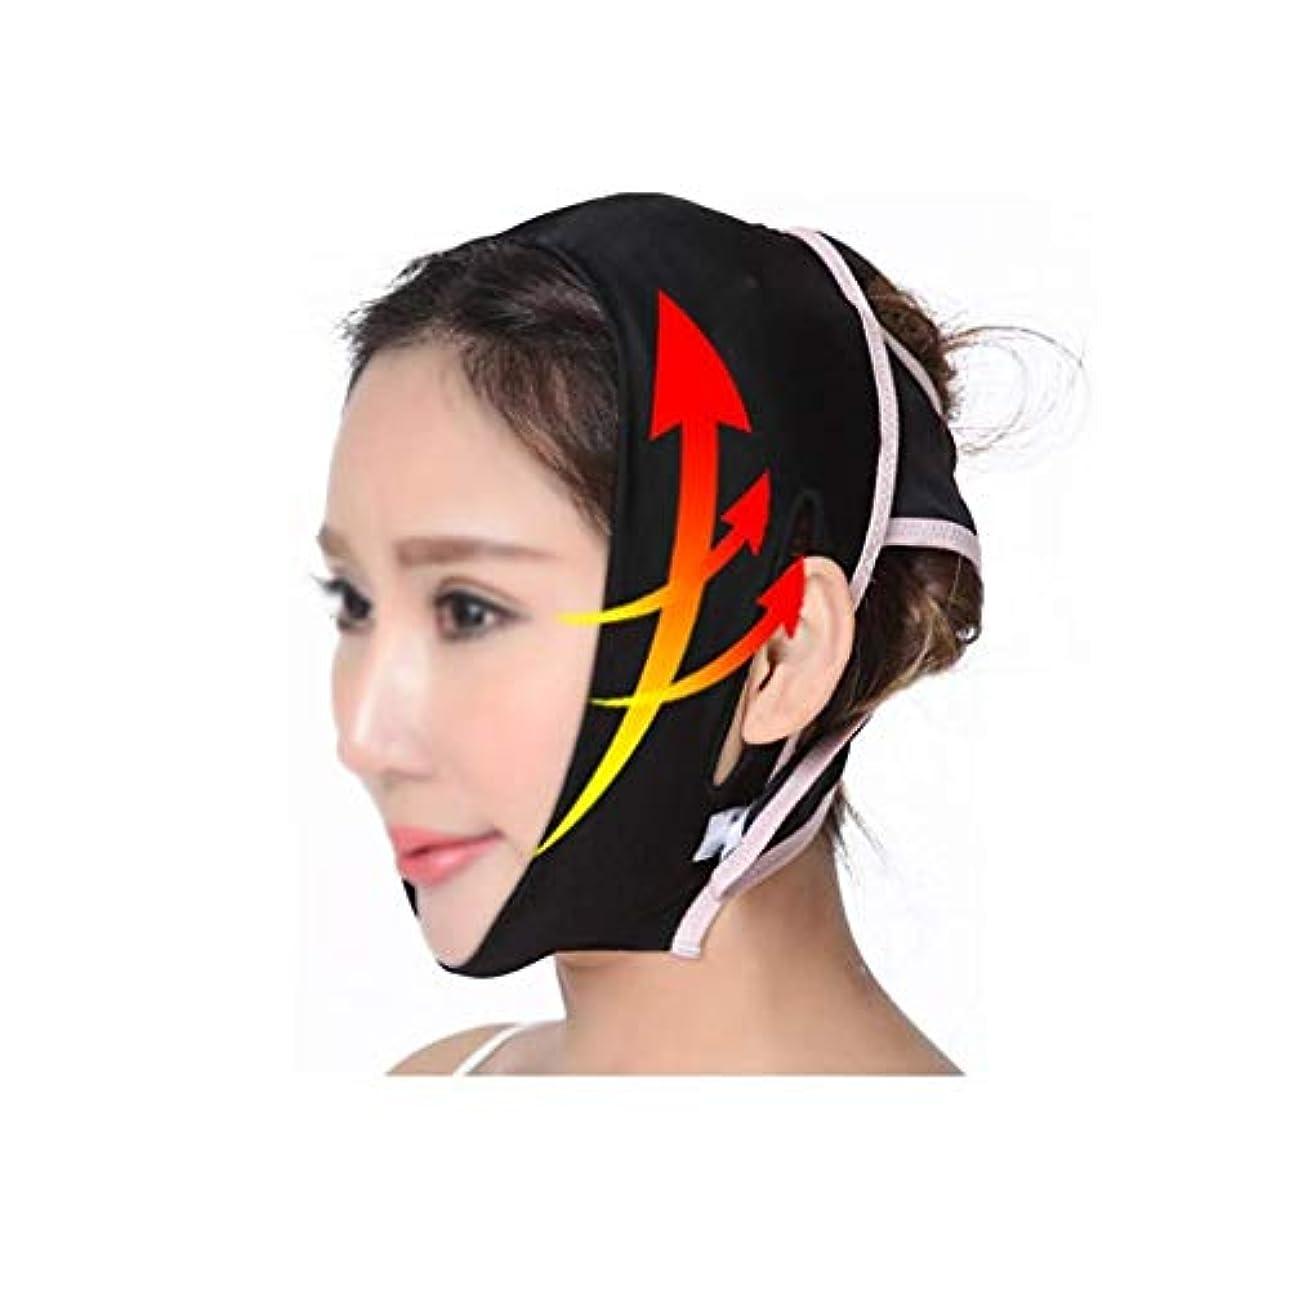 ブリーフケース全体物理的にフェイスリフトマスク、フェイシャルマスク睡眠顔整形顔包帯顔リフティングV顔顔アーティファクト回復通気性ネックストラップ(サイズ:M)